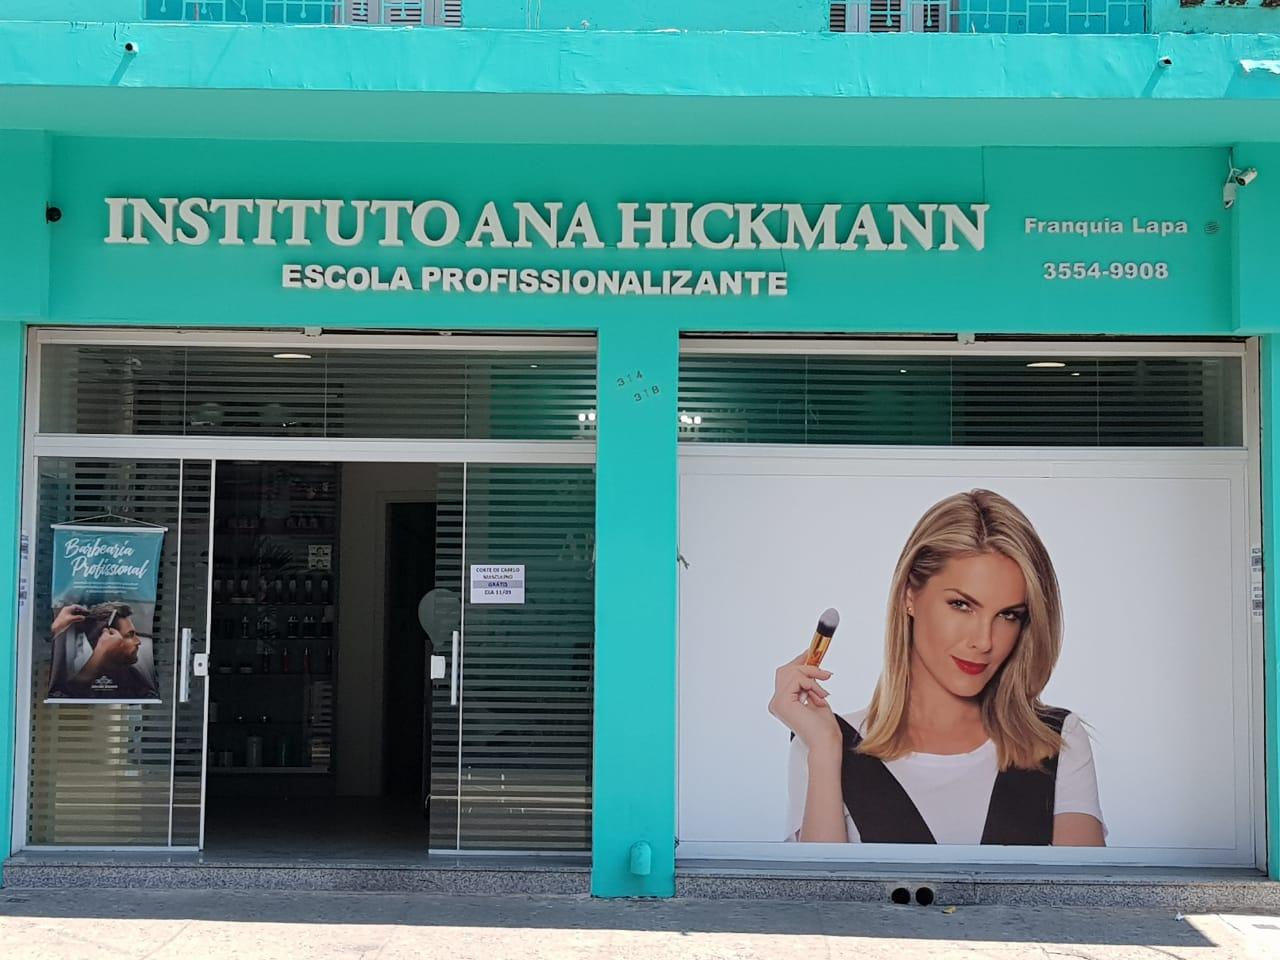 ec5c76a0e657b Palestra Online Instituto Ana Hickmann - Mudando vida de Pessoas. by Grupo  Kalaes - Eventials